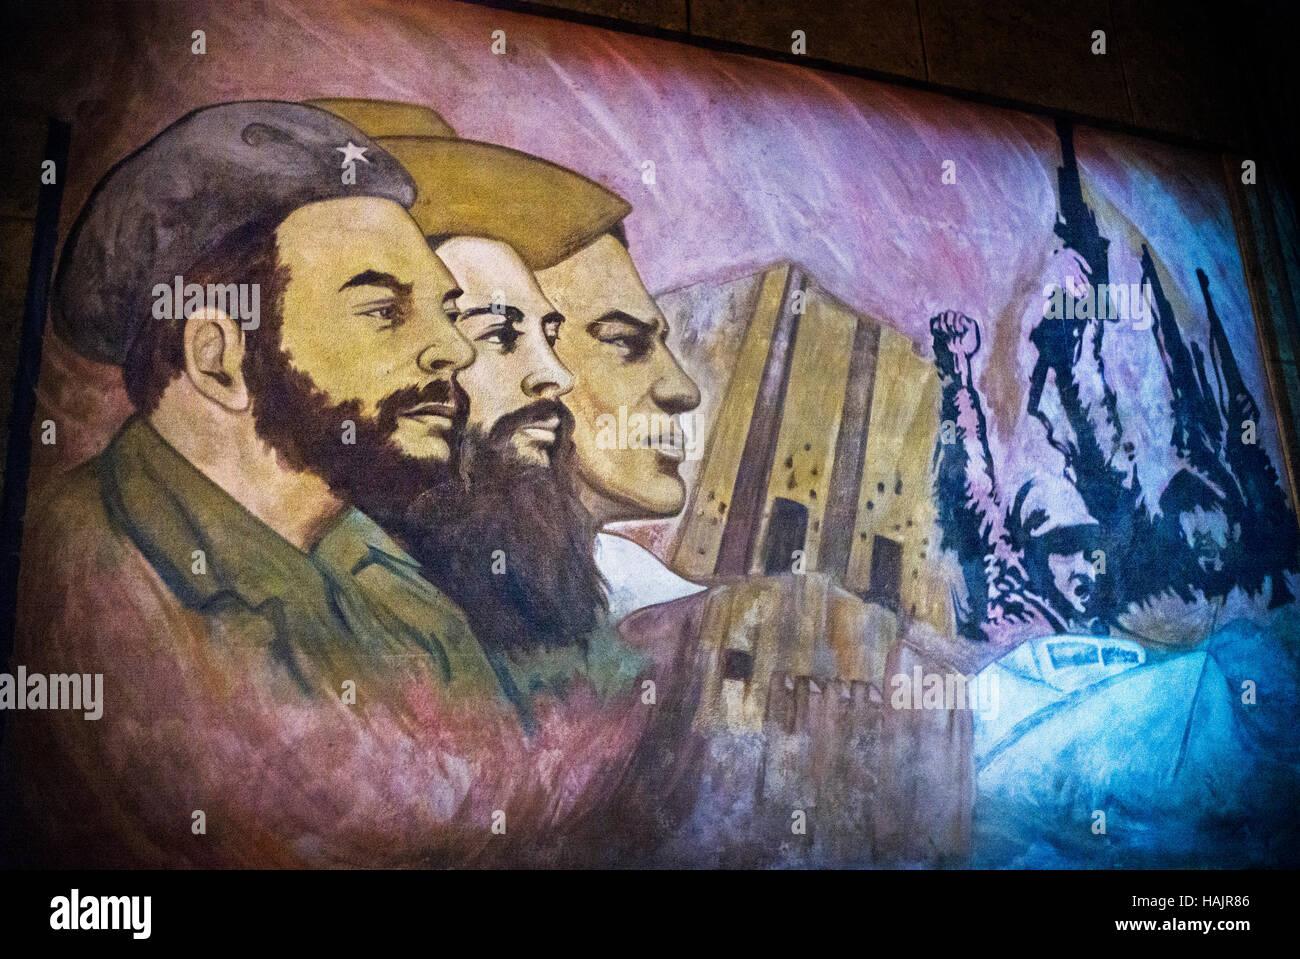 Graffiti, revolutionäre Helden wie Camillo Cienfuegos darstellen; Fidel Castro und Che Guevara Havanna, Kuba Stockbild